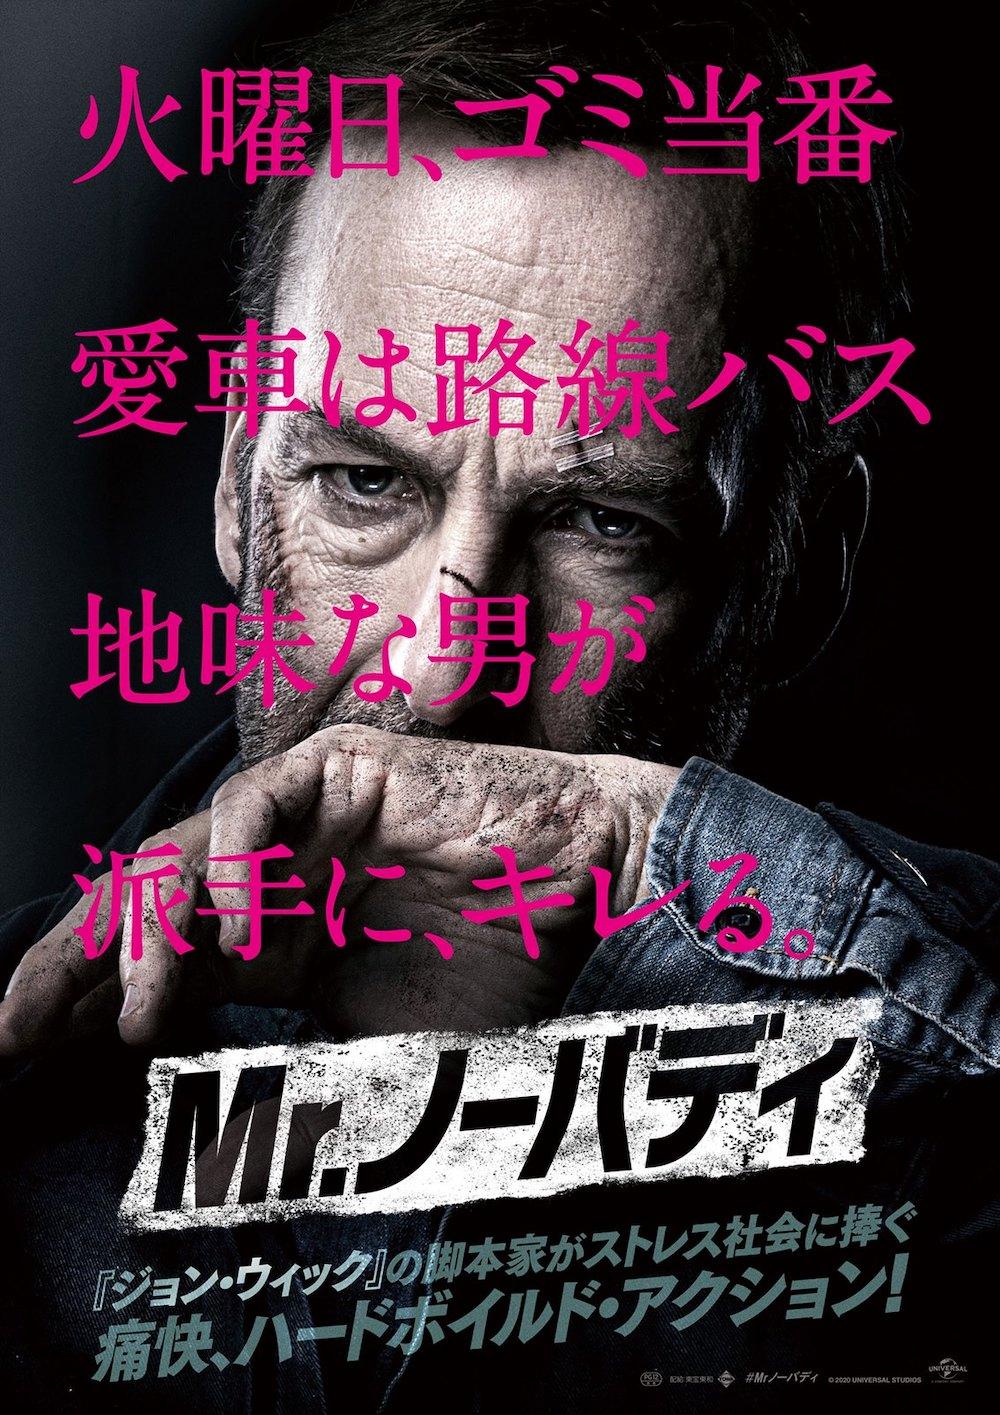 『Mr.ノーバディ』